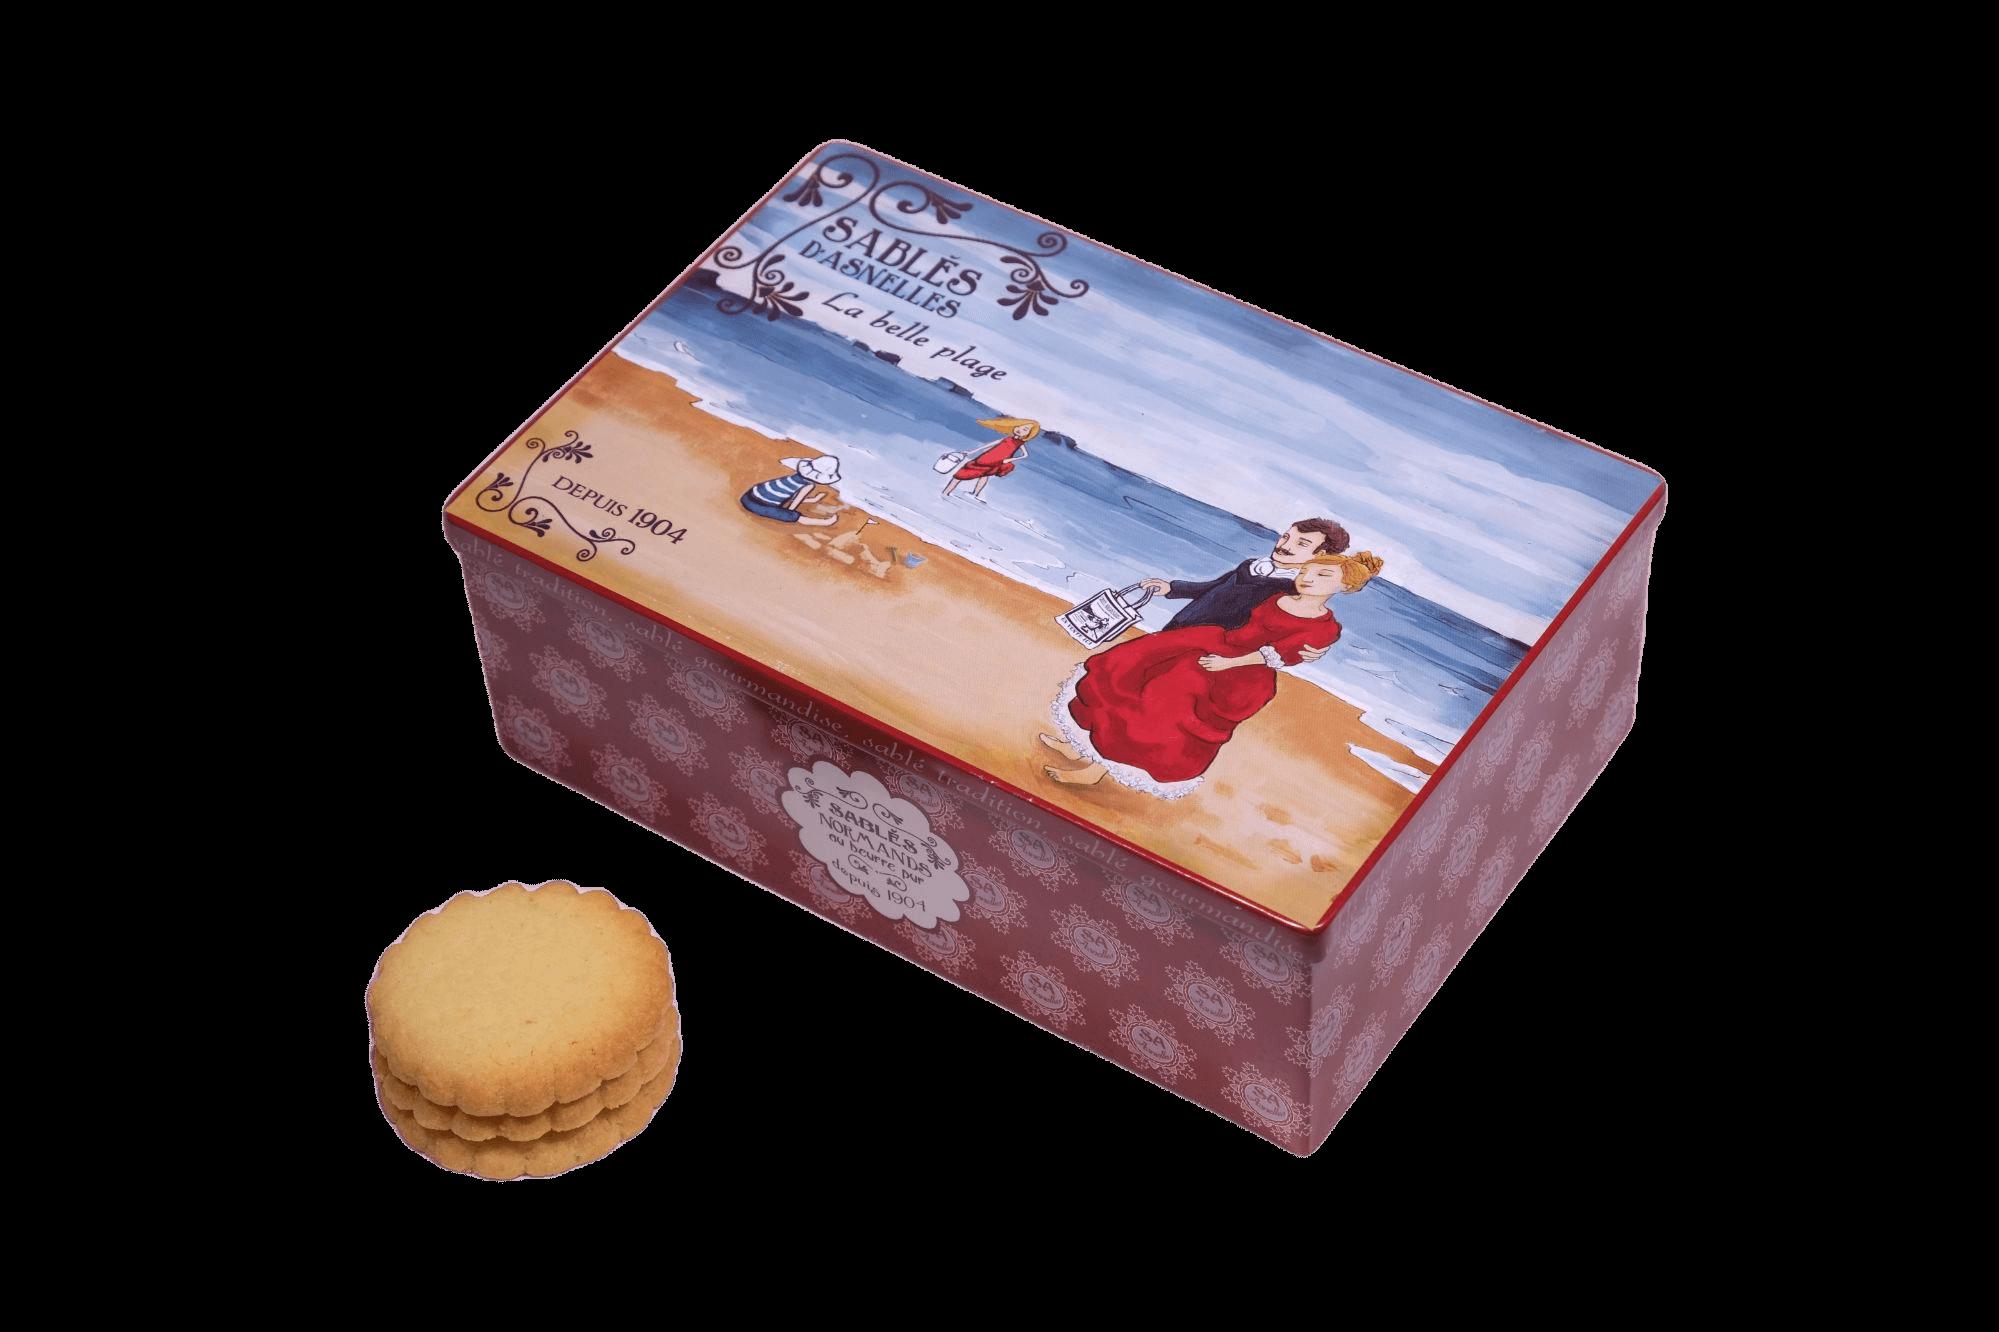 sables-asnelles-1